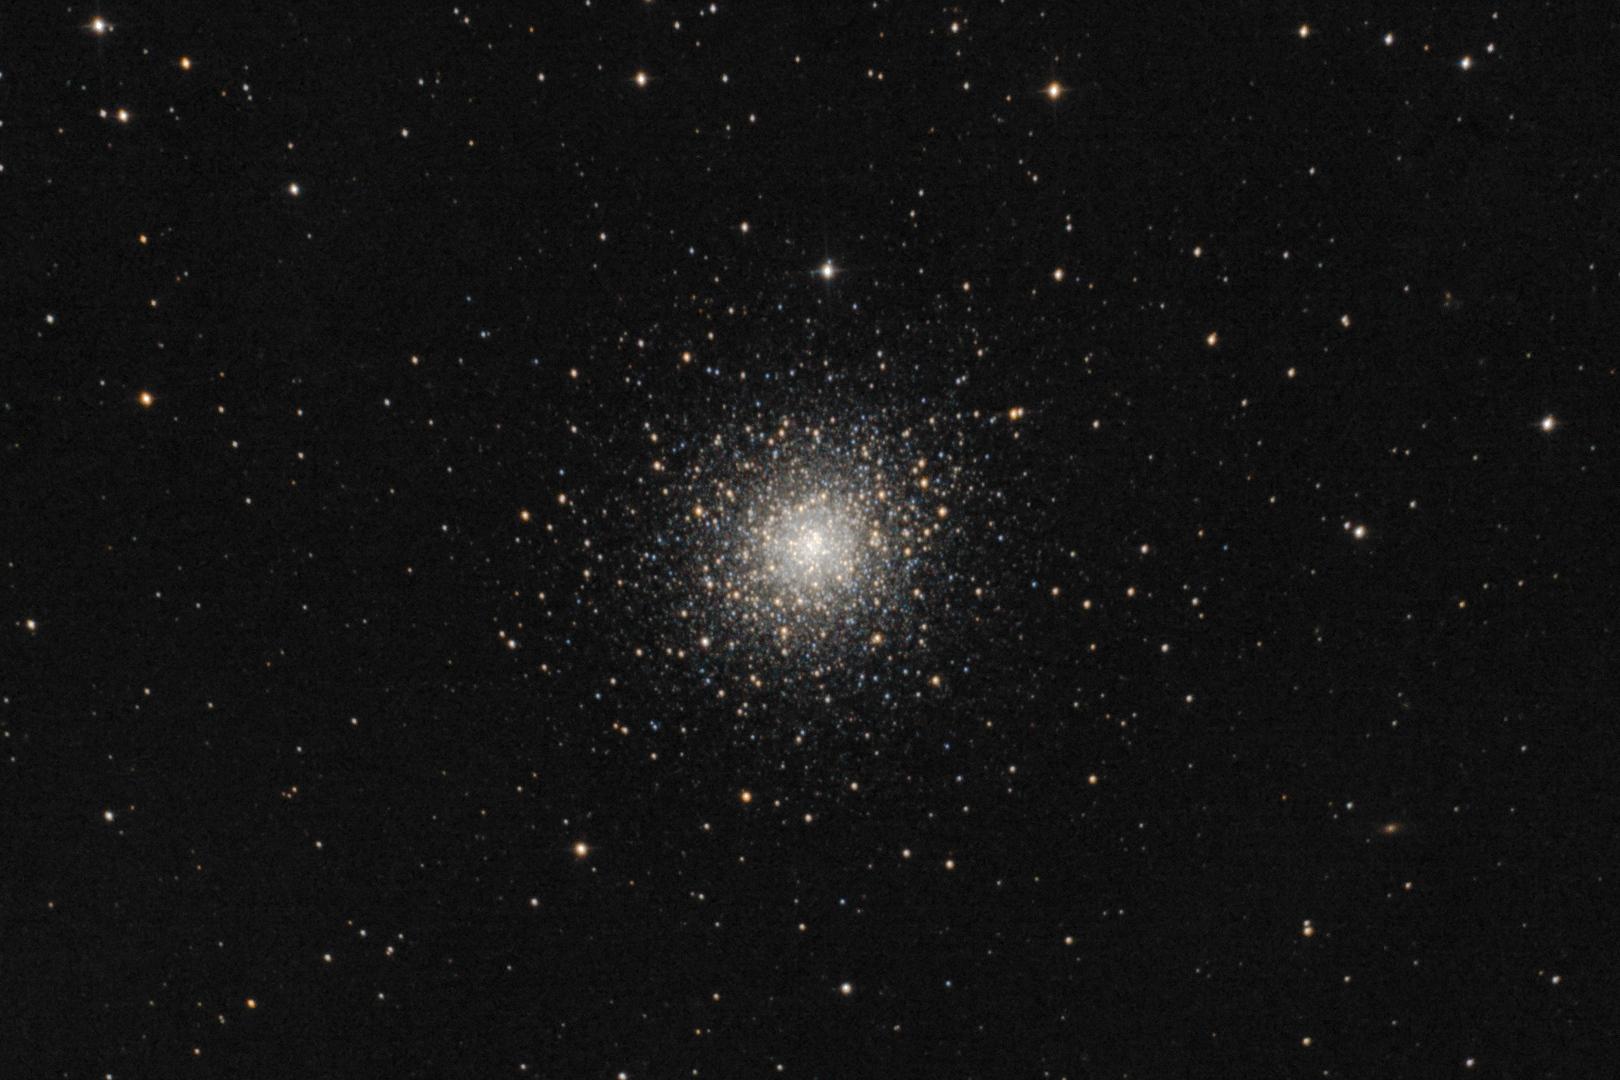 Riches soirées: M92, ngc6543, Voie lactée, Visuel assisté ... 122643-1590158552